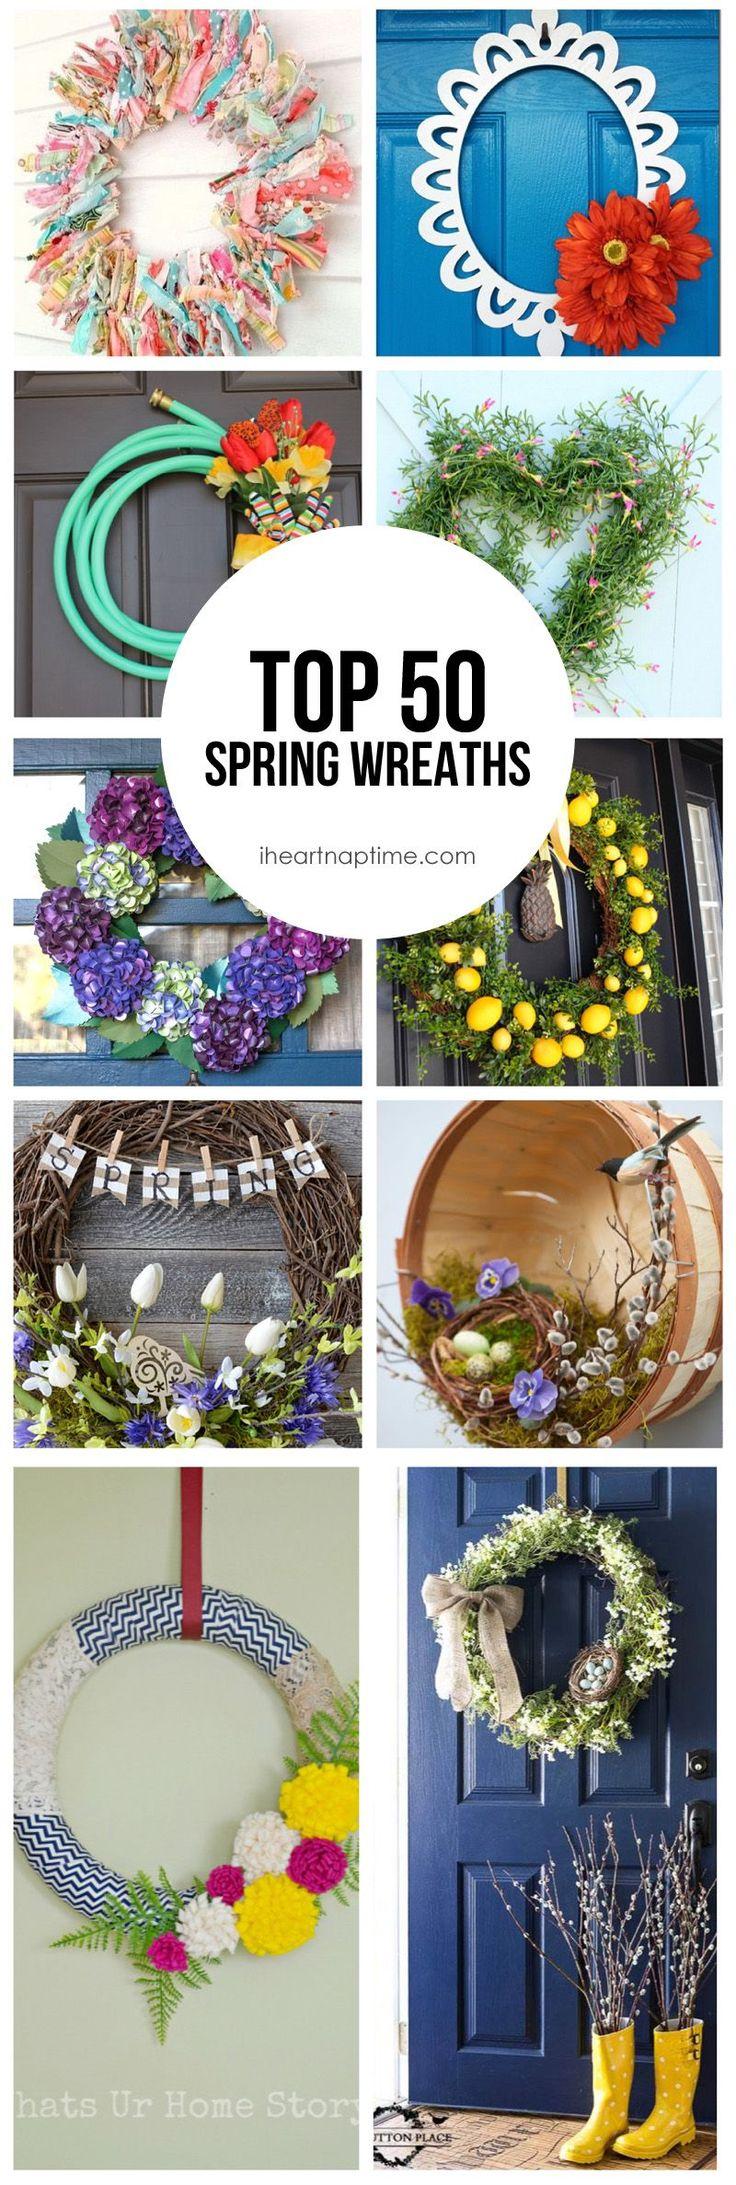 Top 50 DIY Spring Wreaths on iheartnaptime.com -so many cute ideas! #springdecor #spring #wreaths